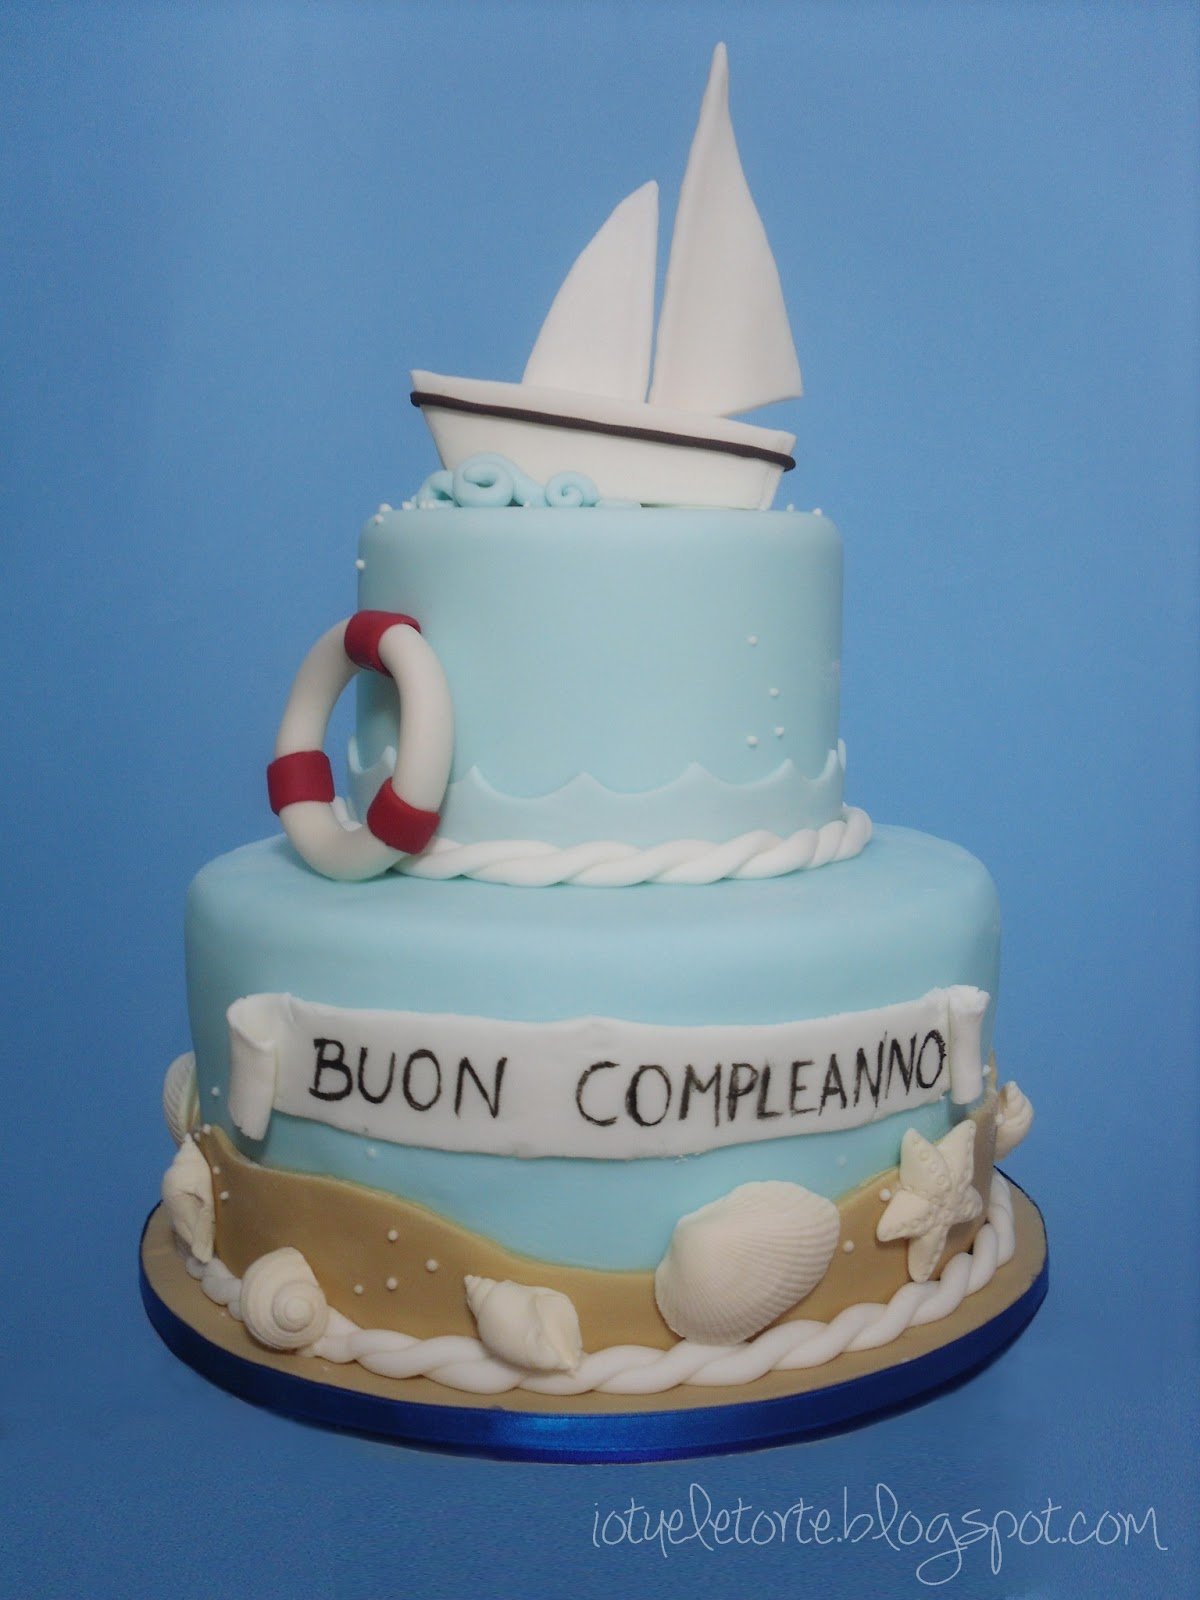 Corsi Cake Design Renato : io tu e le torte: My Sugarart